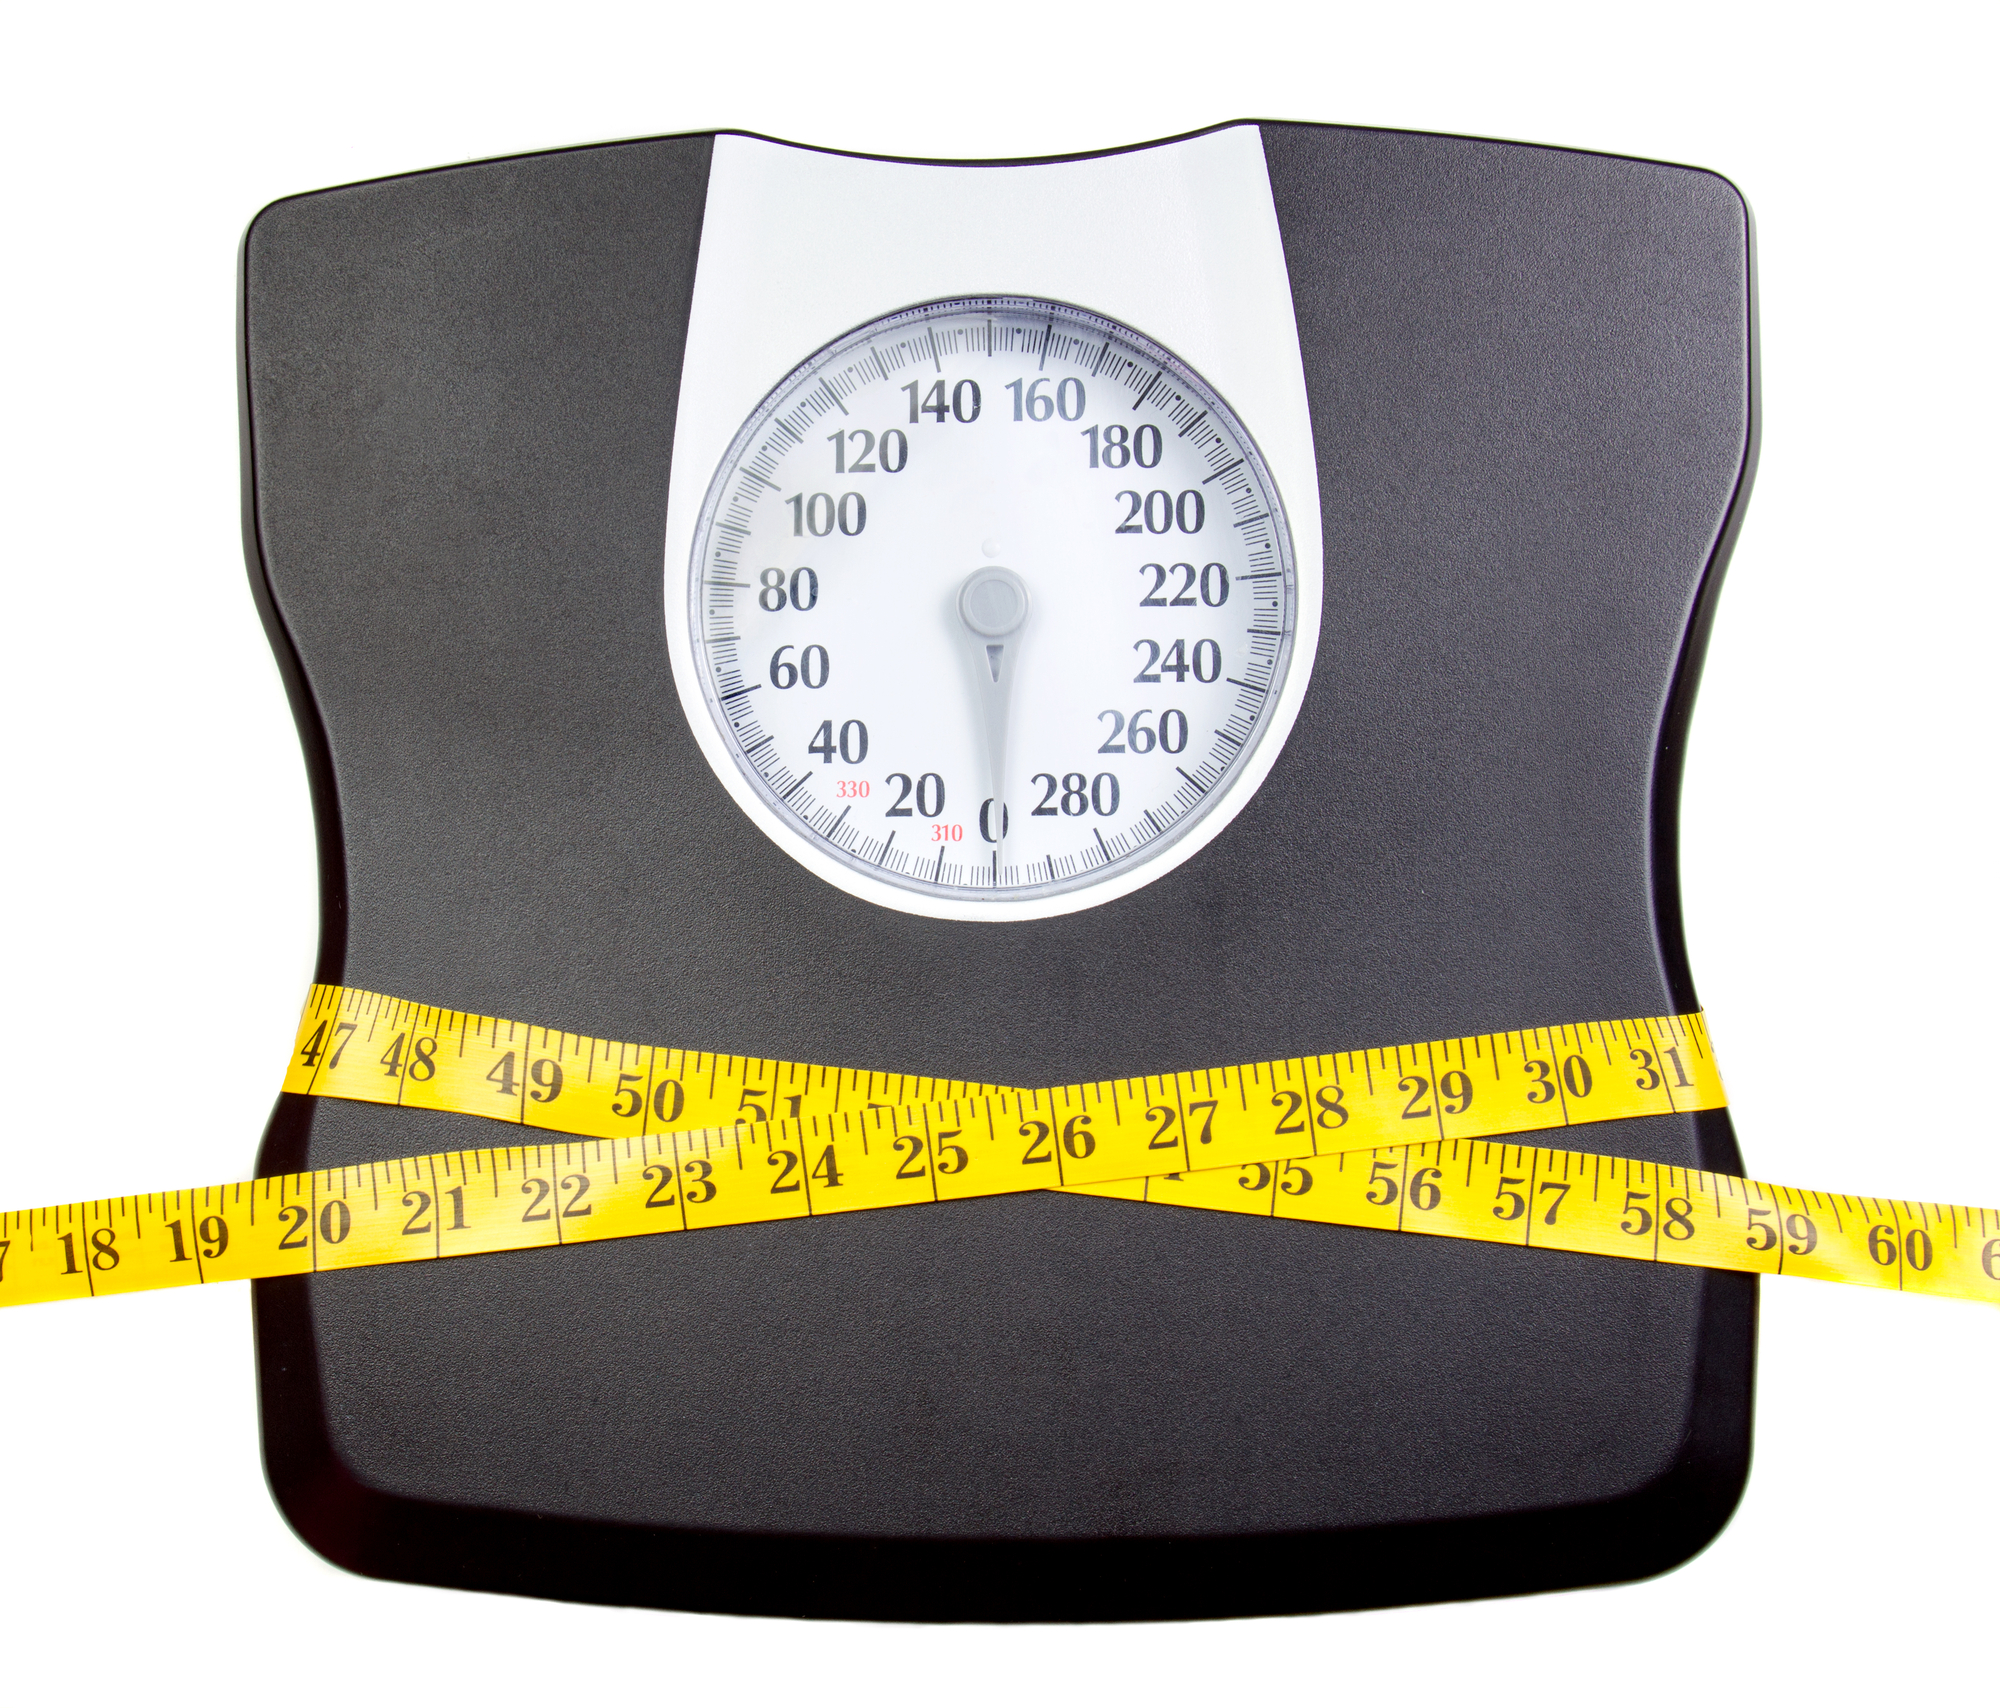 איור של משקל והתאמה לכל מידה